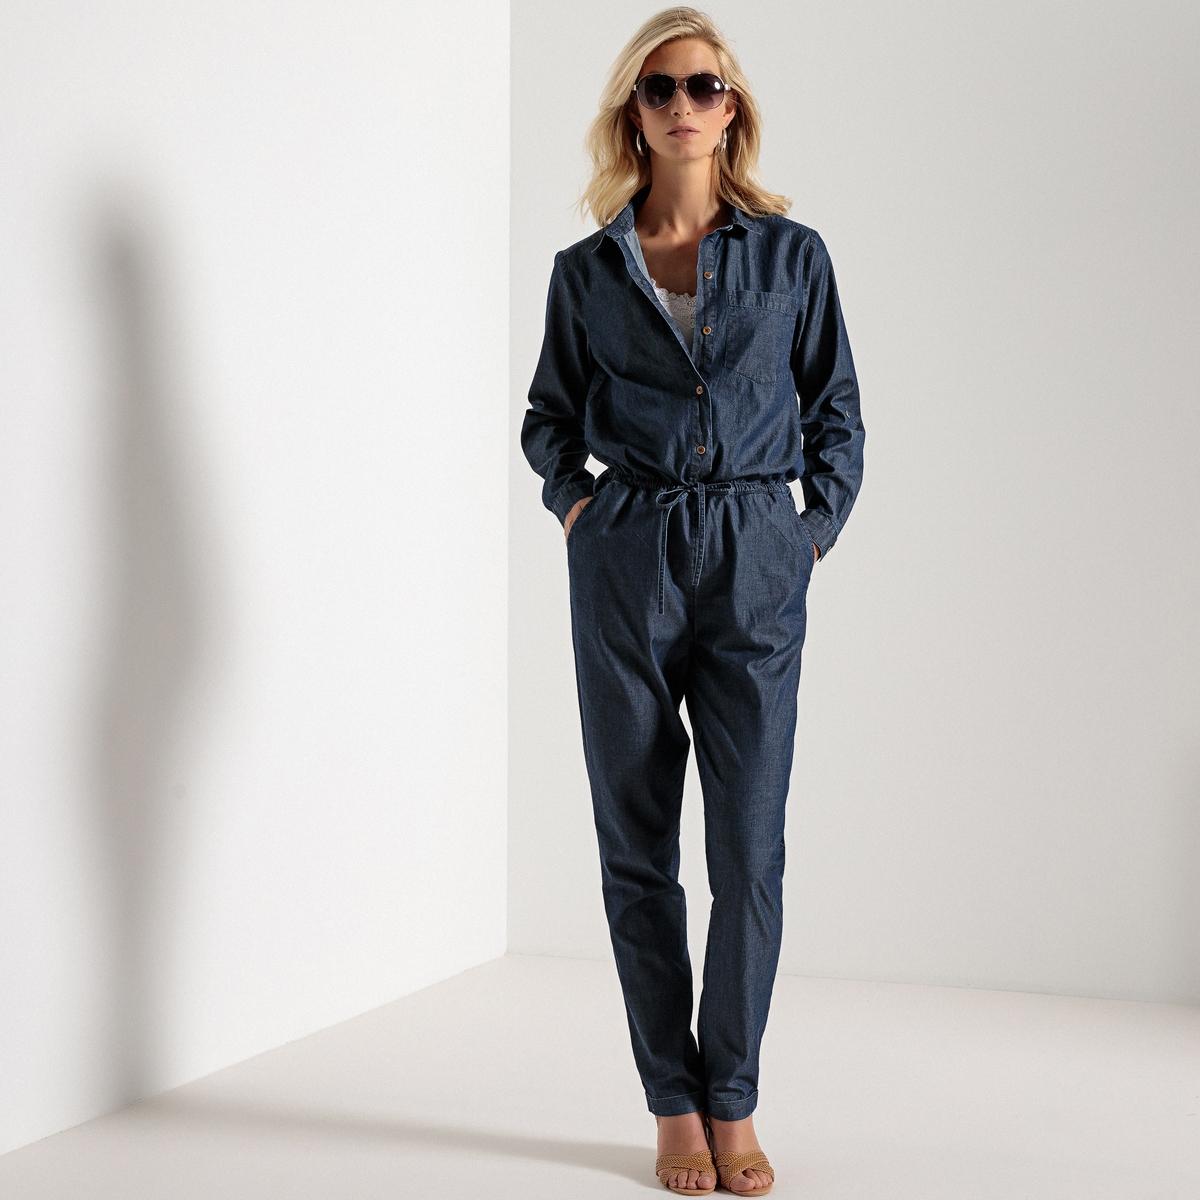 Комбинезон джинсовый в рабочем стиле жакет джинсовый pinner прямой покрой